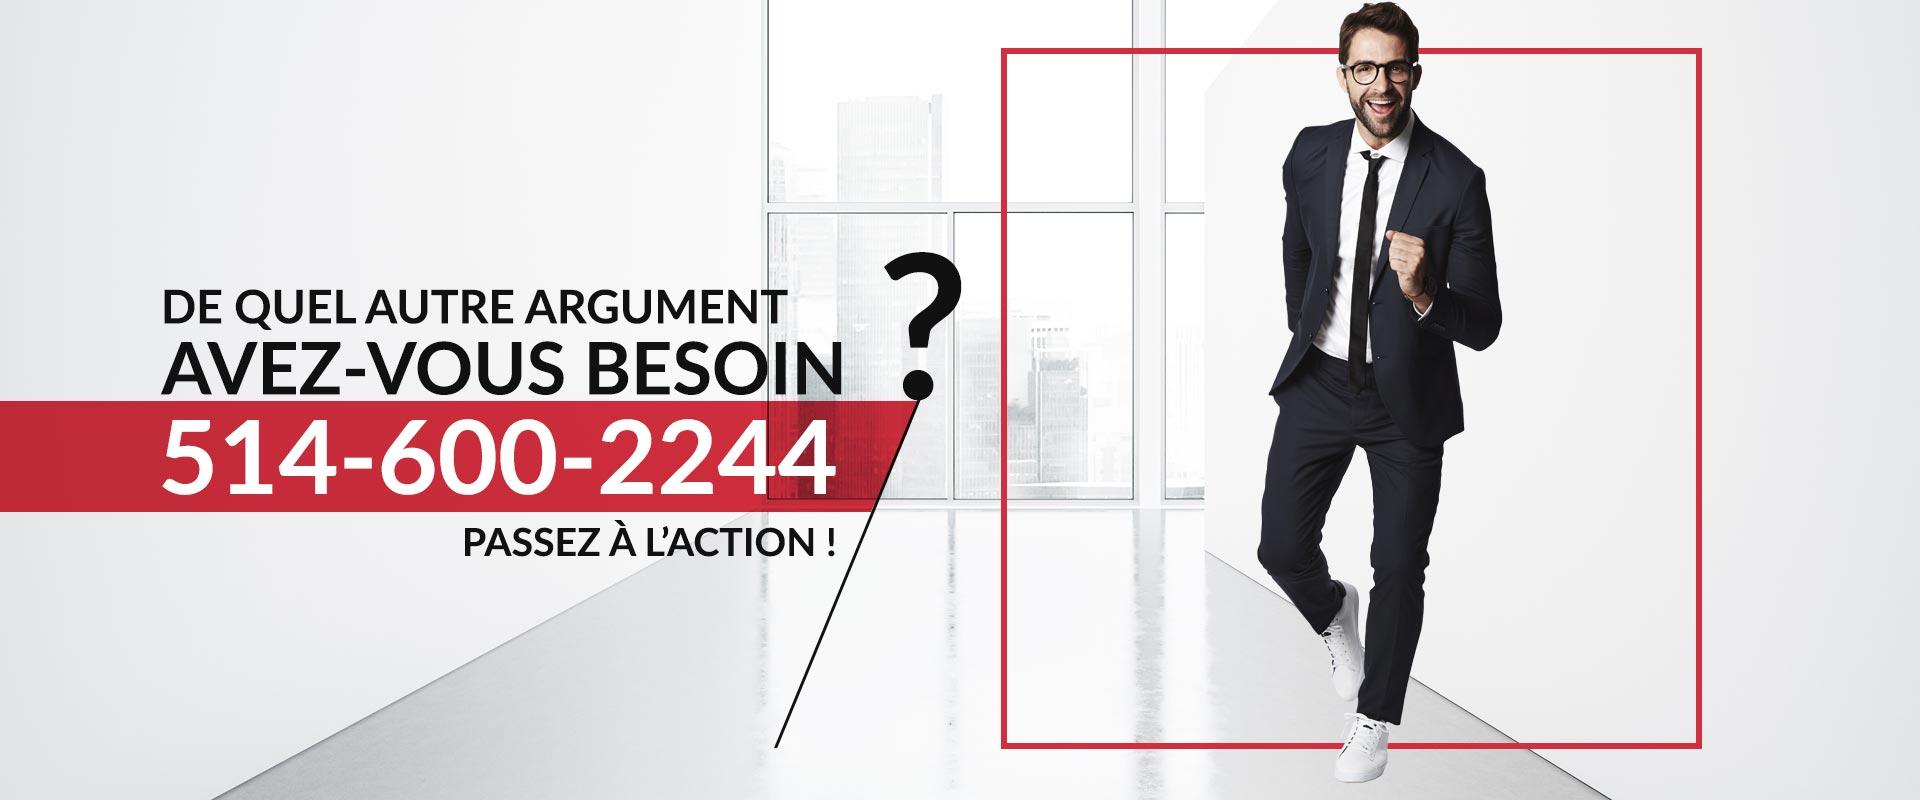 De quel autre argument avez-vous besoin ? Passez à l'action ! 514-600-2244